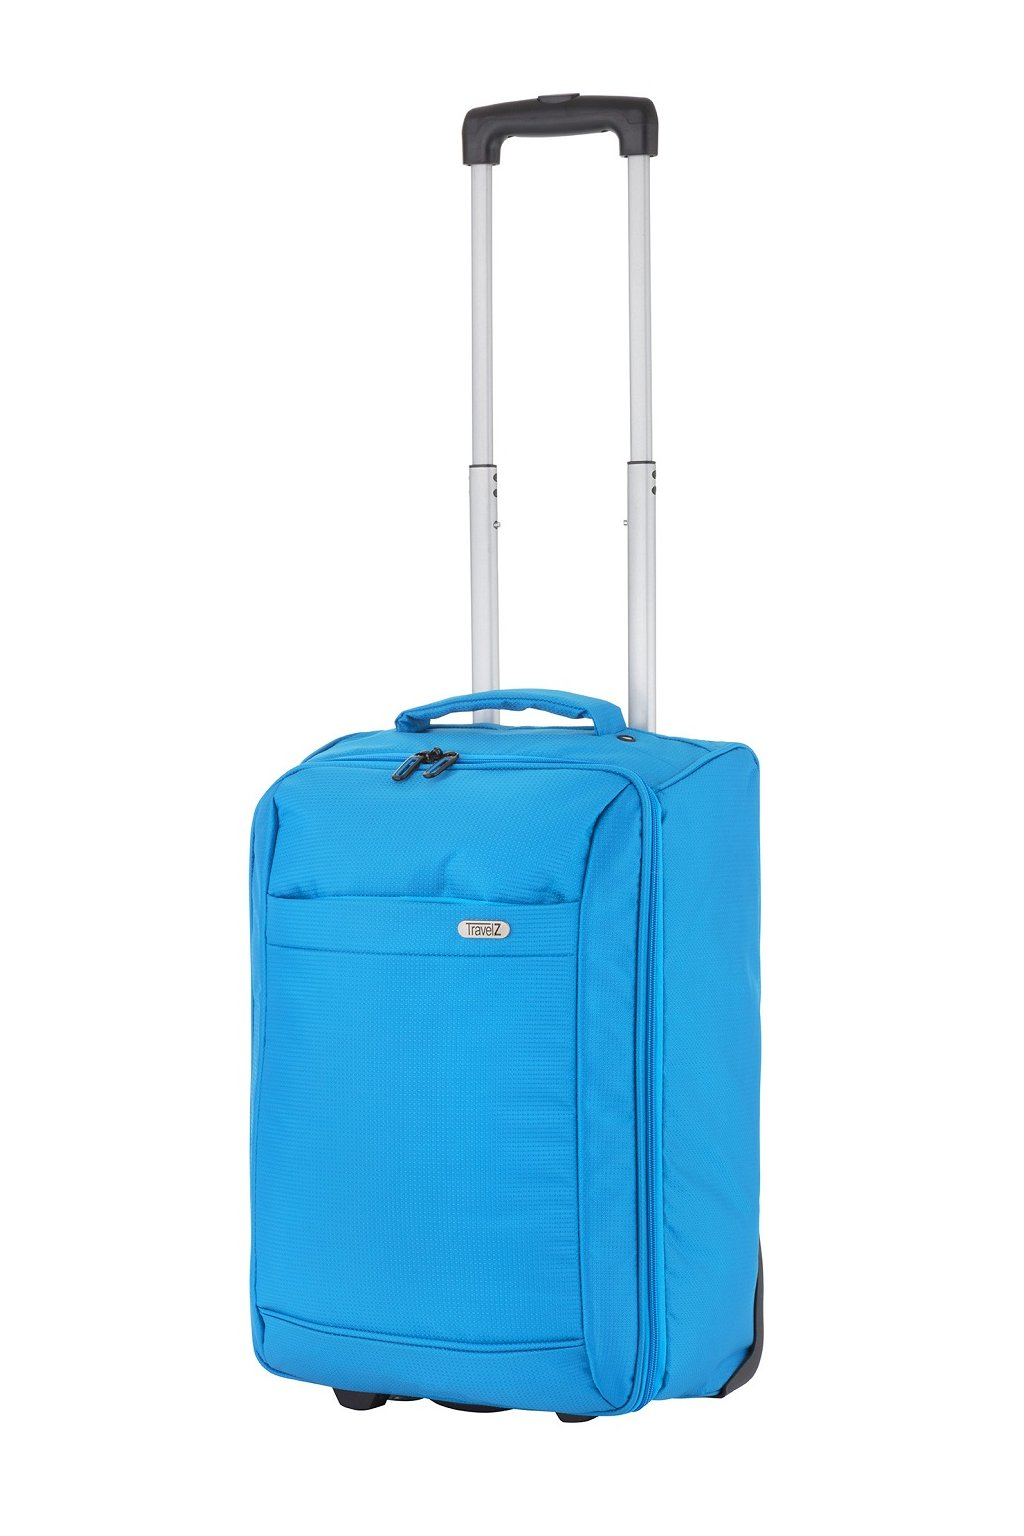 kufrland travelz foldable 2wheels blue (4)